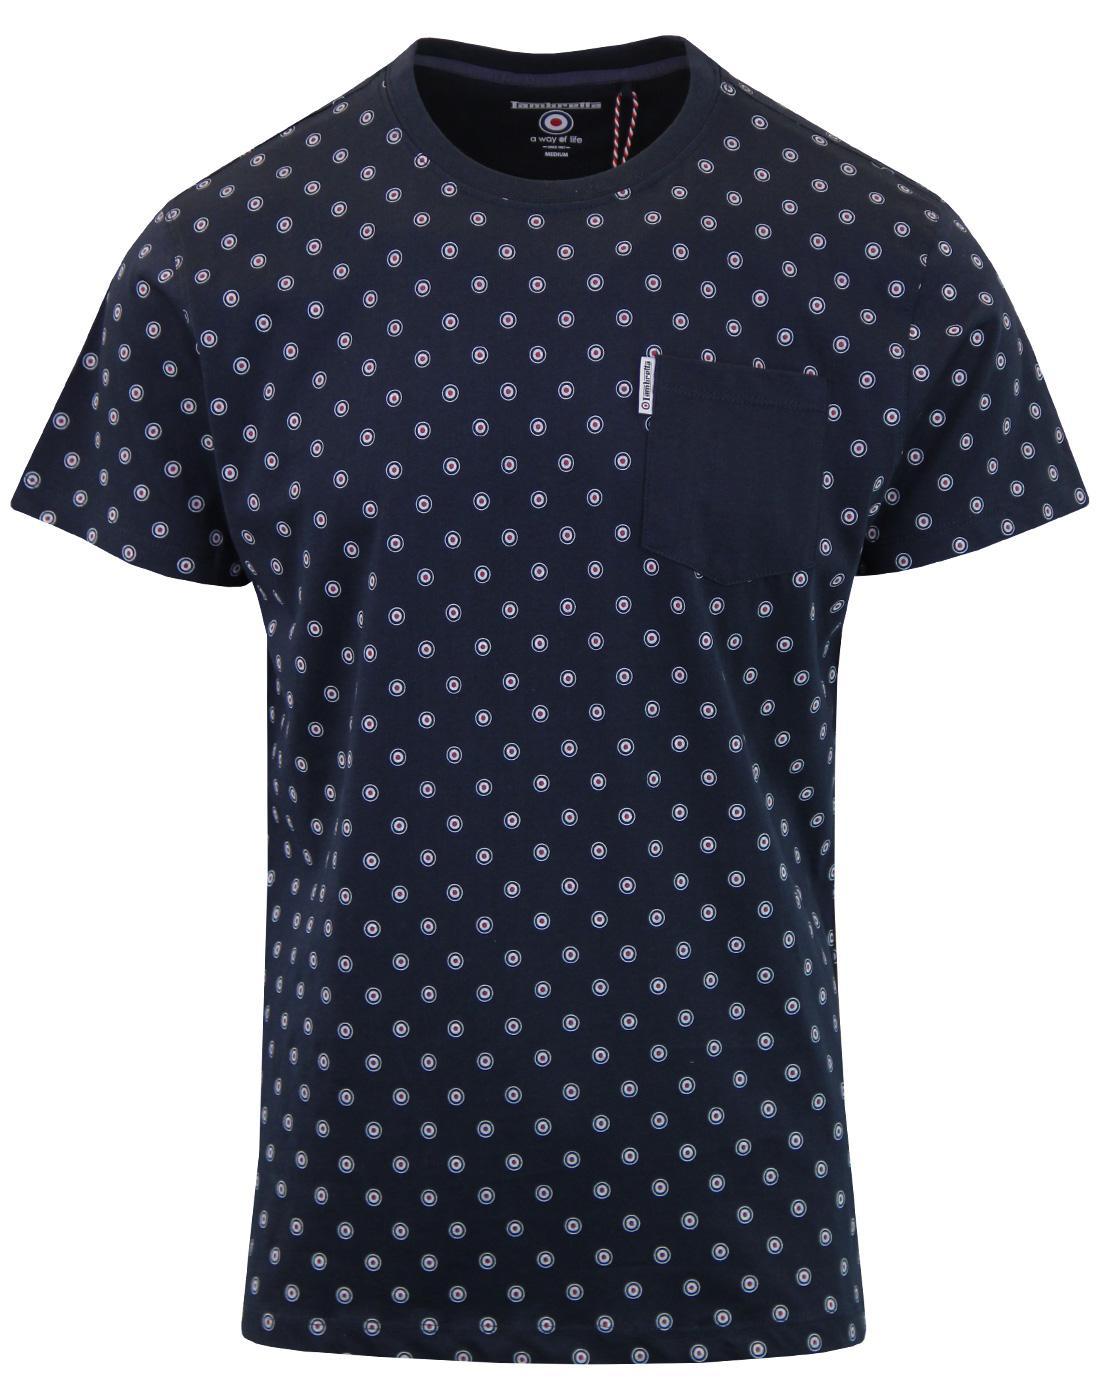 LAMBRETTA Retro Mod Target Pocket T-shirt (Navy)